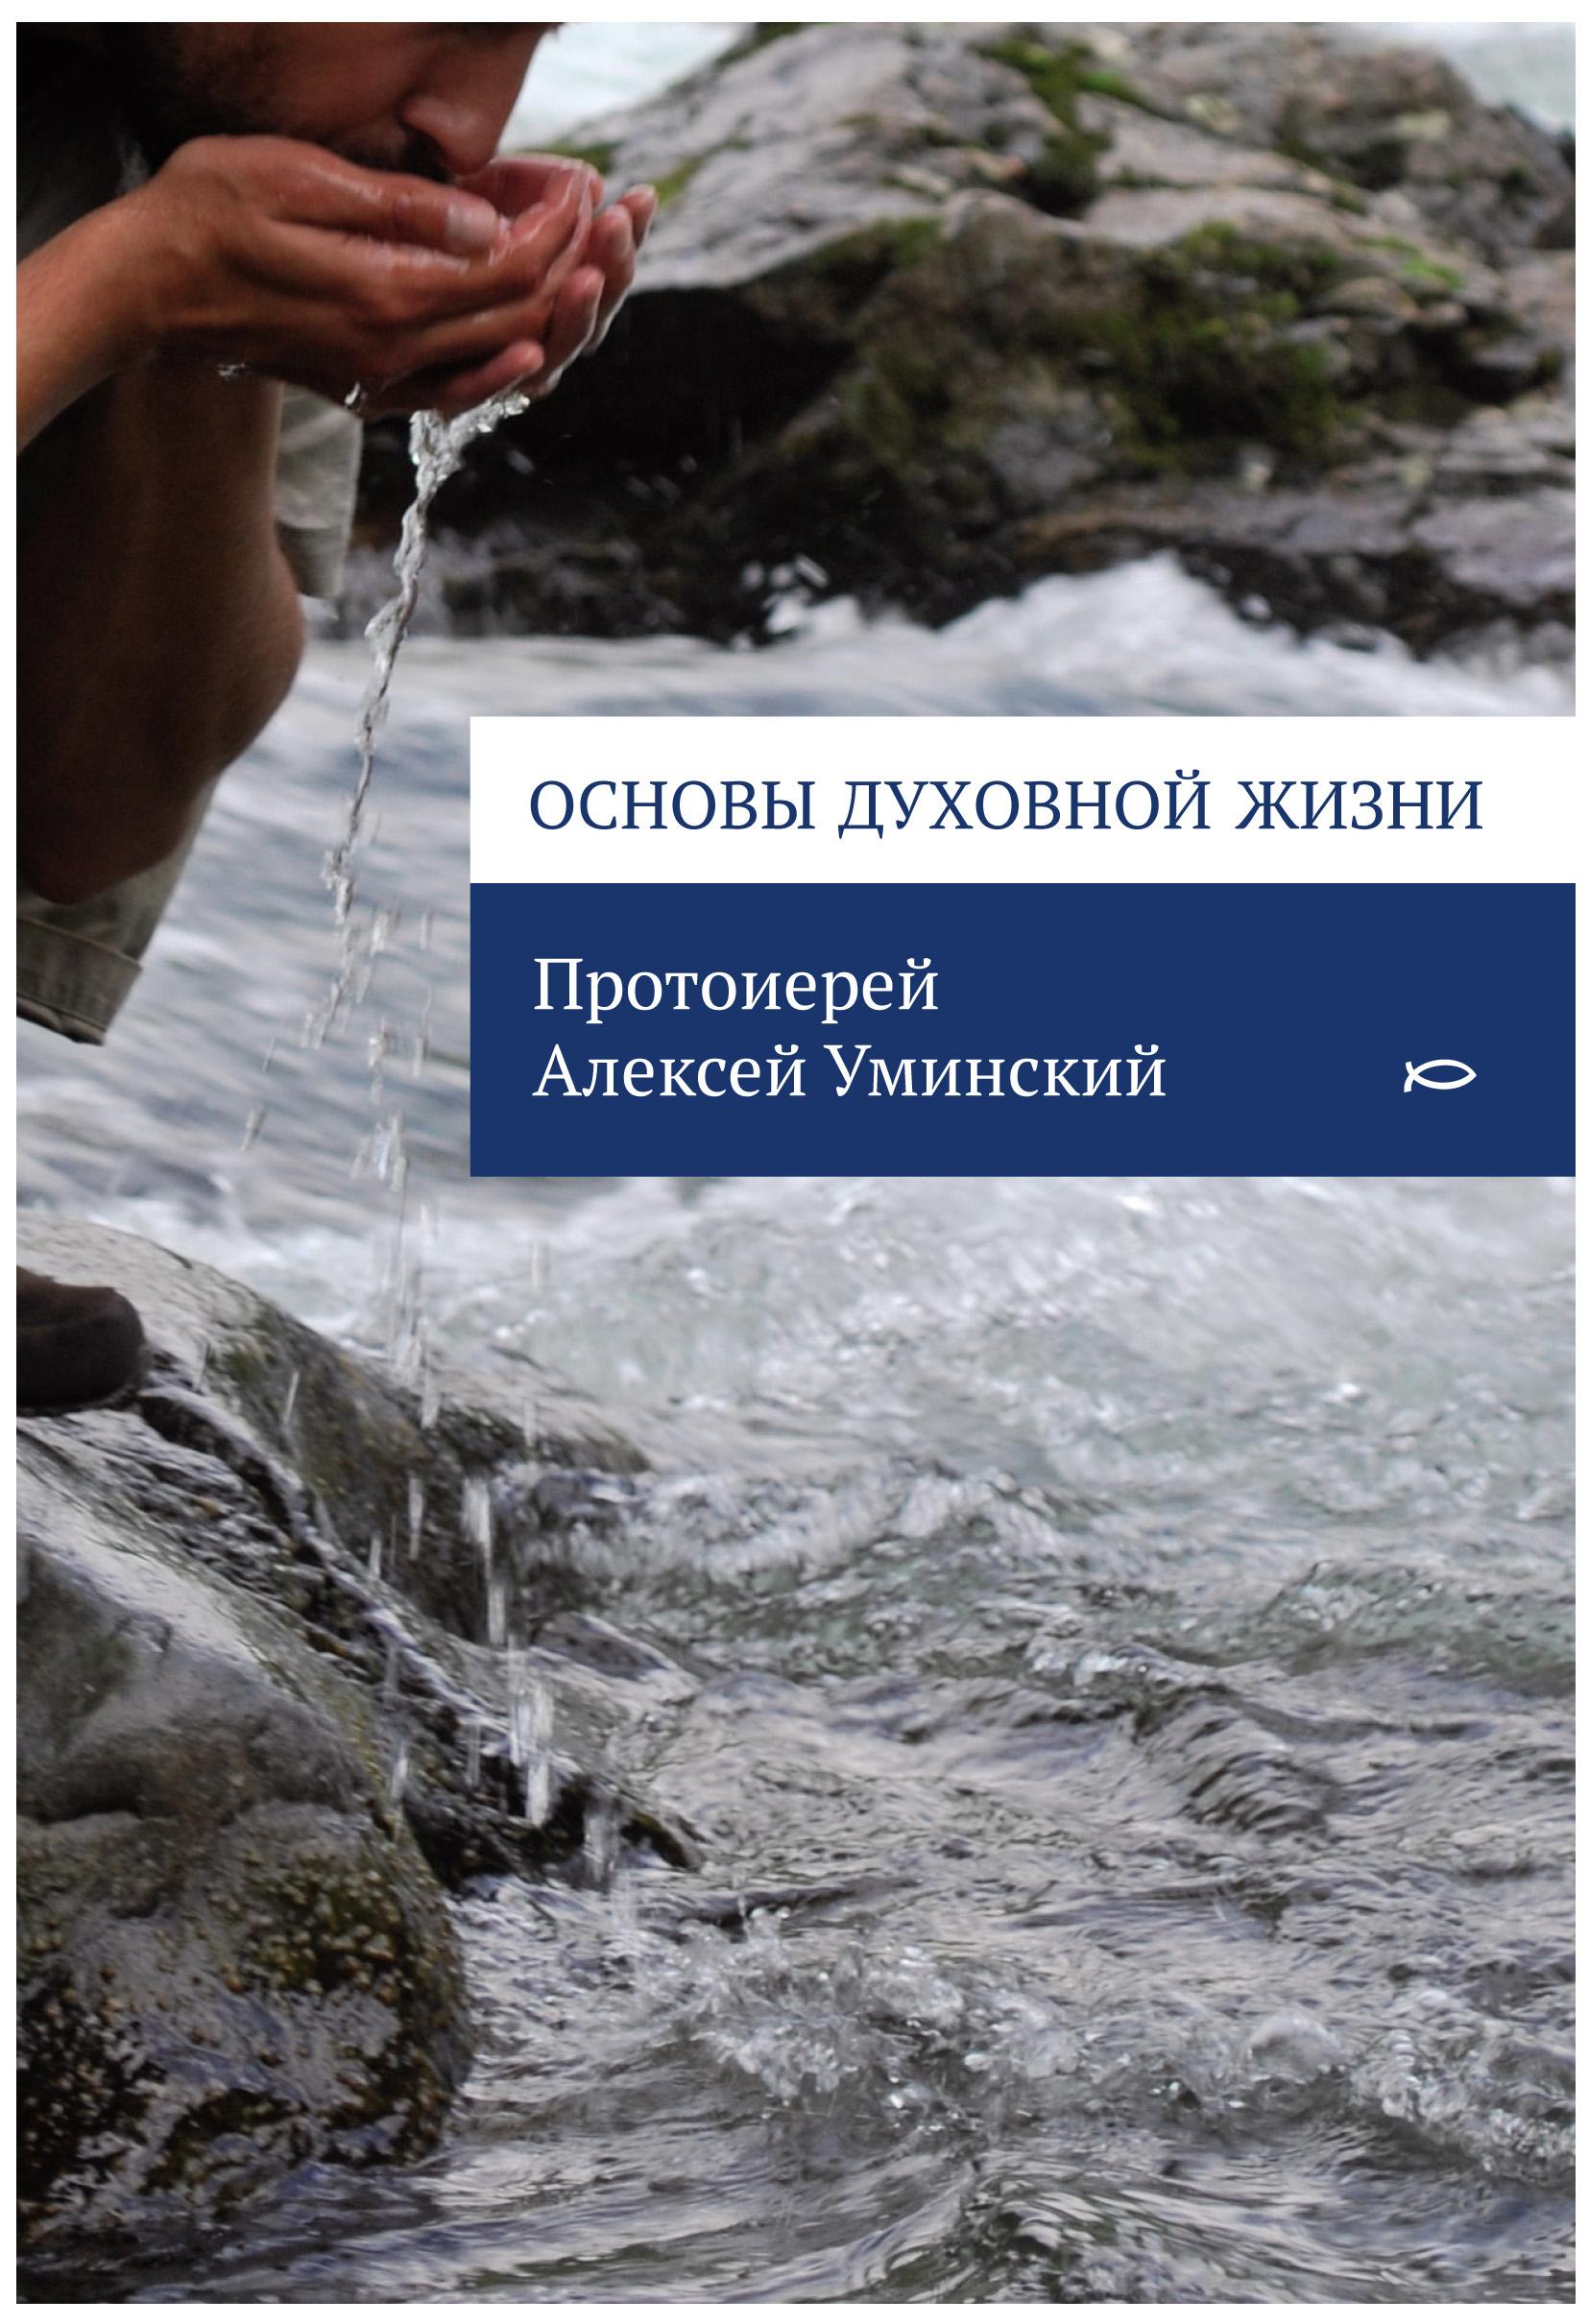 Основы духовной жизни ( протоиерей Алексей Уминский  )